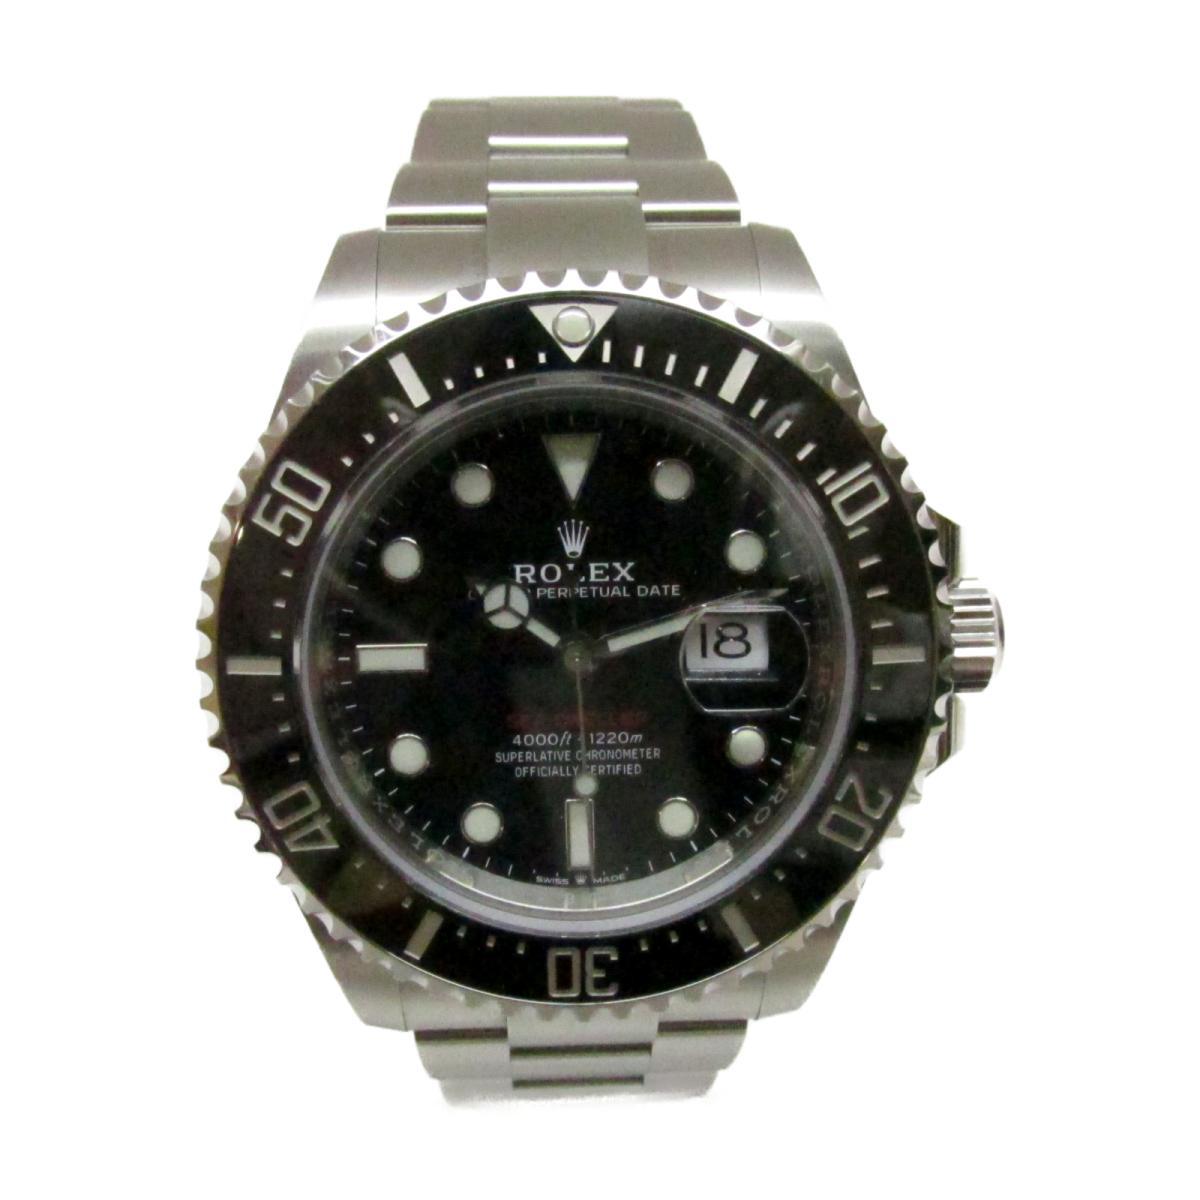 【中古】 ロレックス シードゥエラー 腕時計 ウォッチ メンズ ステンレススチール (SS) シルバー x ブラック (126600) | ROLEX BRANDOFF ブランドオフ ブランド ブランド時計 ブランド腕時計 時計